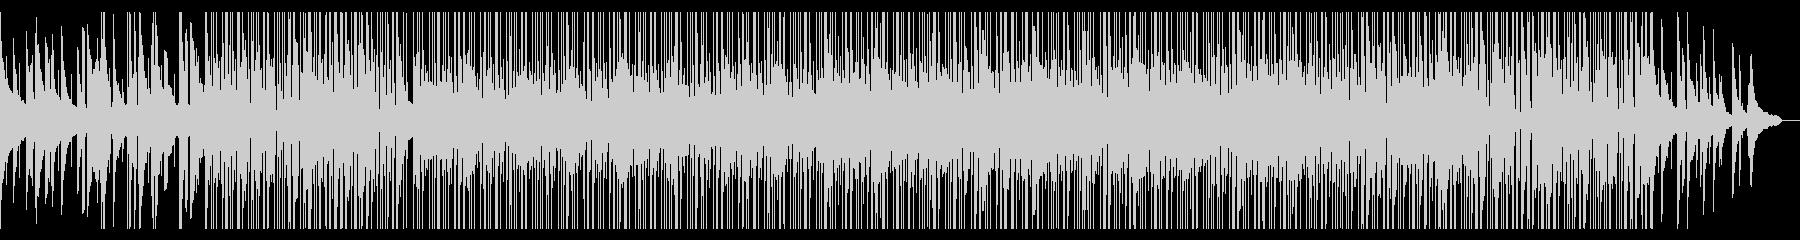 正統派ピアノと生ドラムの癒し系BGMの未再生の波形